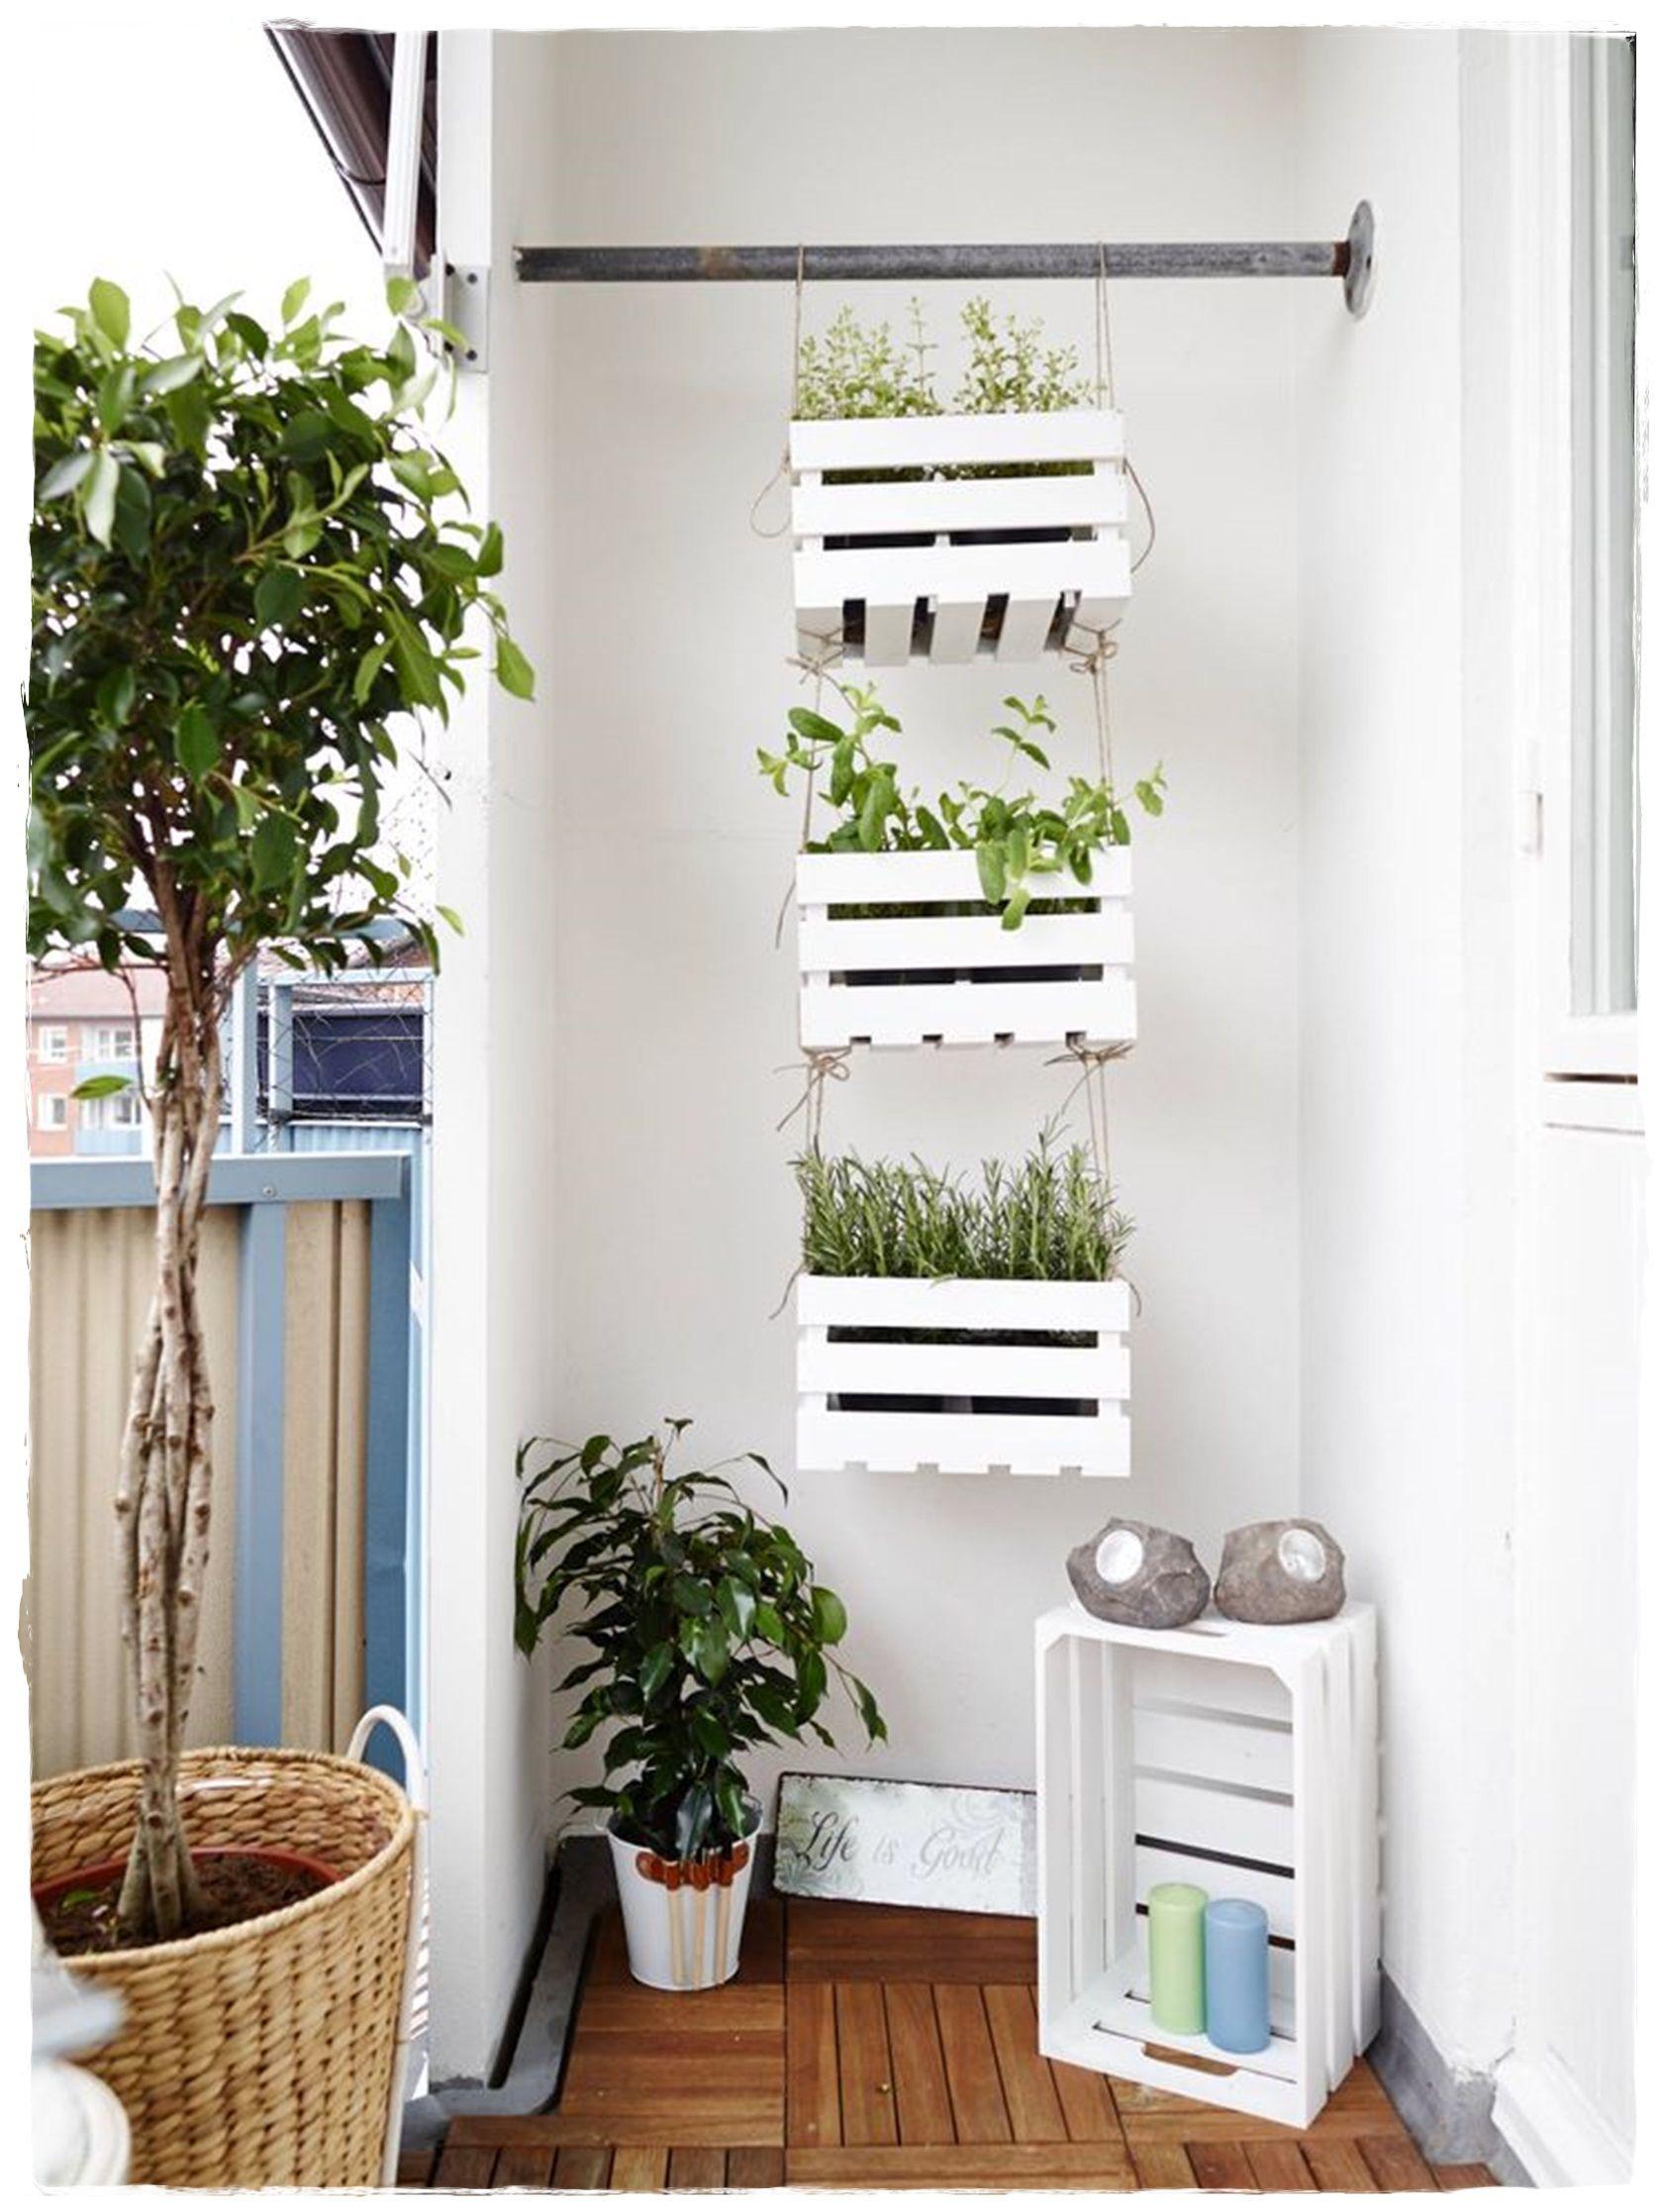 Cajas madera decoraci n jardineras plantas cajas for Muebles para plantas